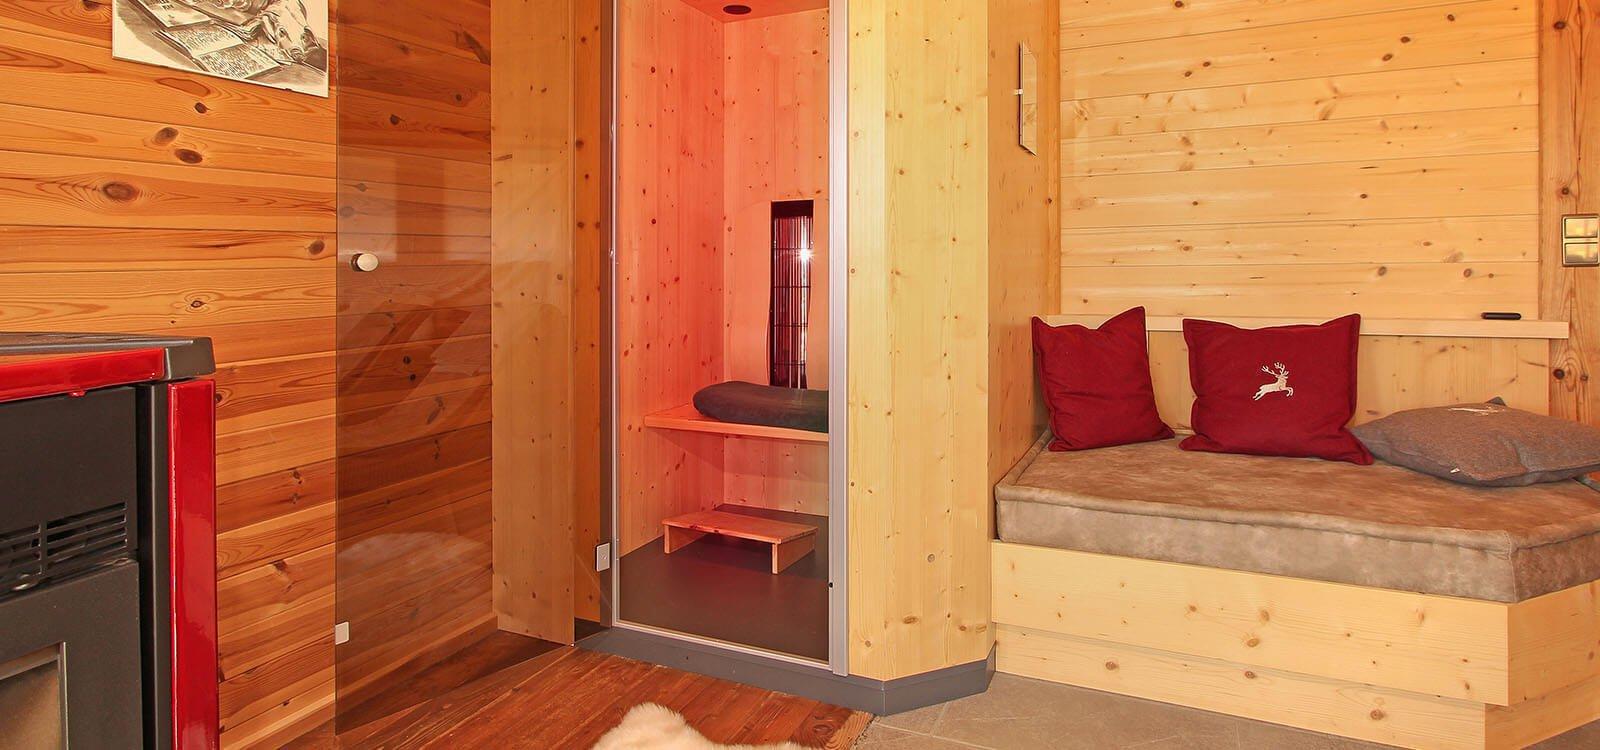 froetscherhof-meluno-sauna-bressanone-05